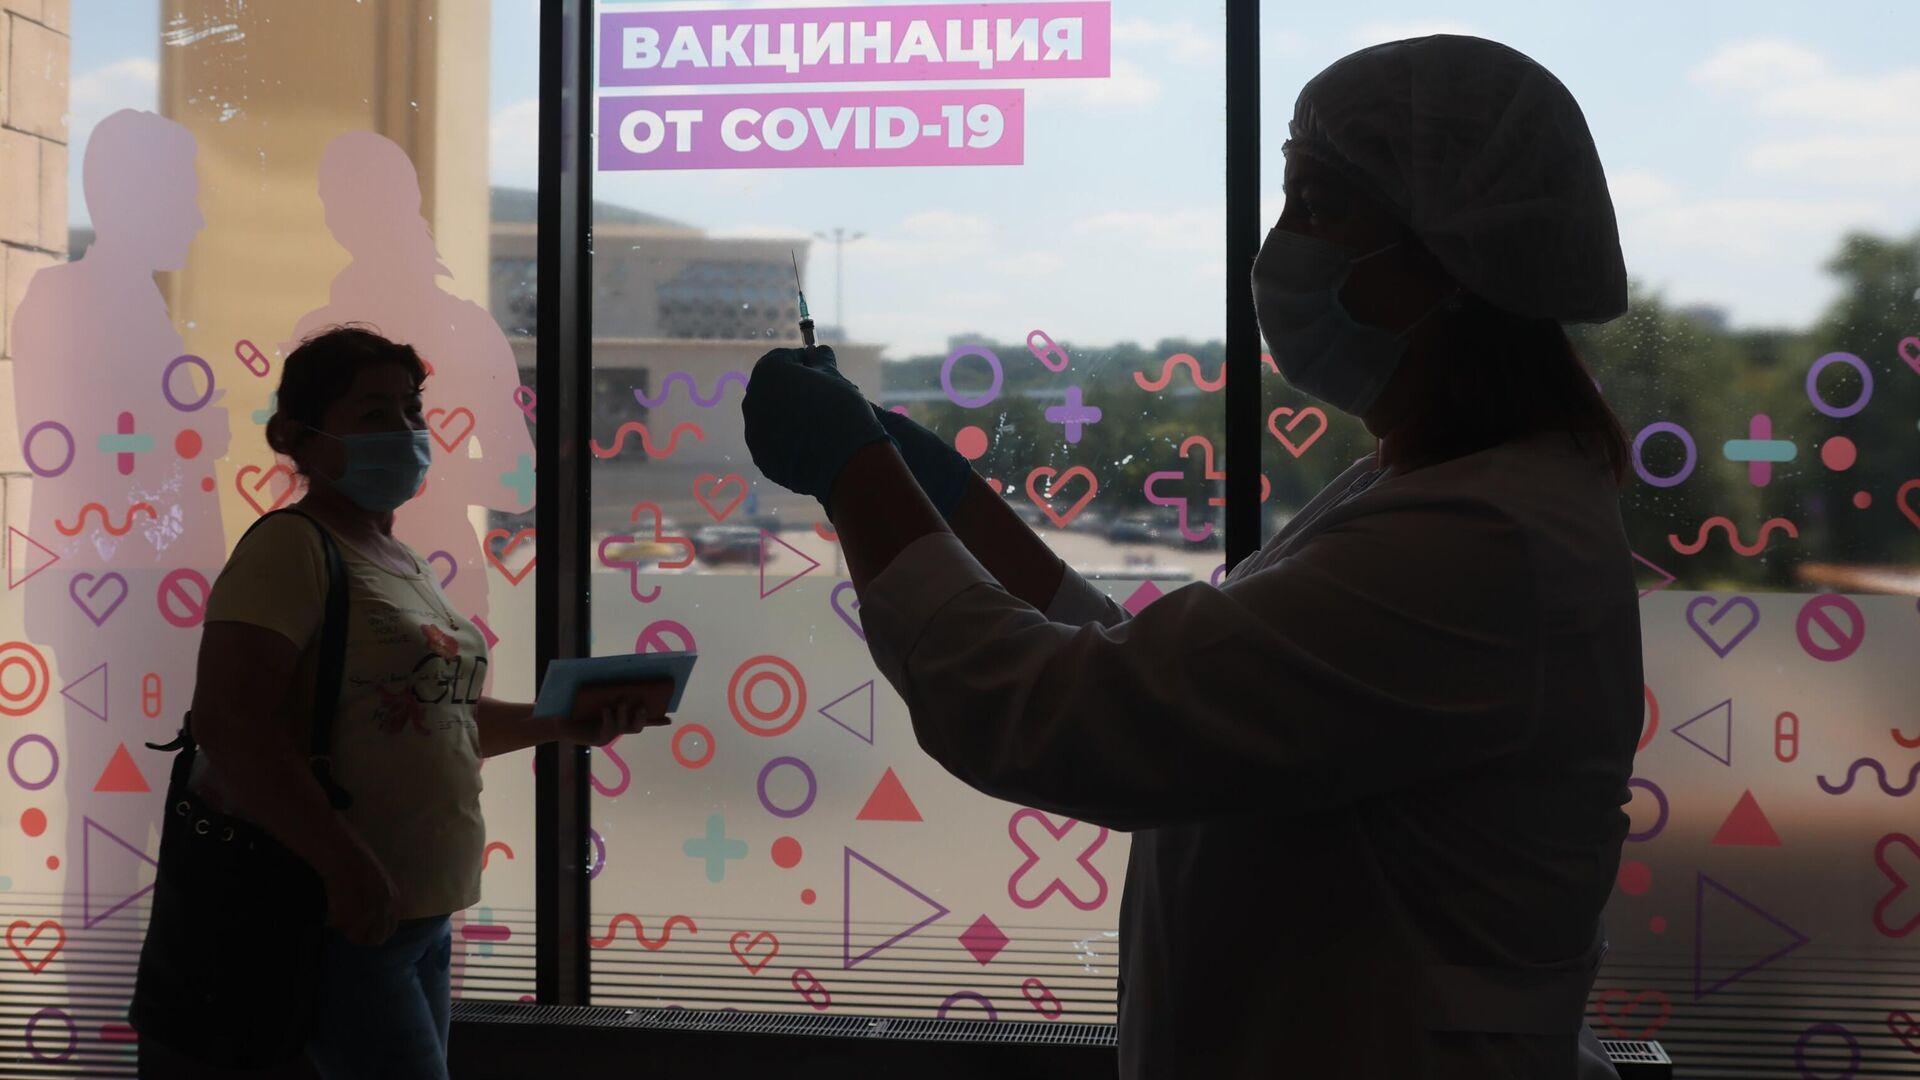 Центр вакцинации от COVID-19 в Лужниках - РИА Новости, 1920, 09.08.2021